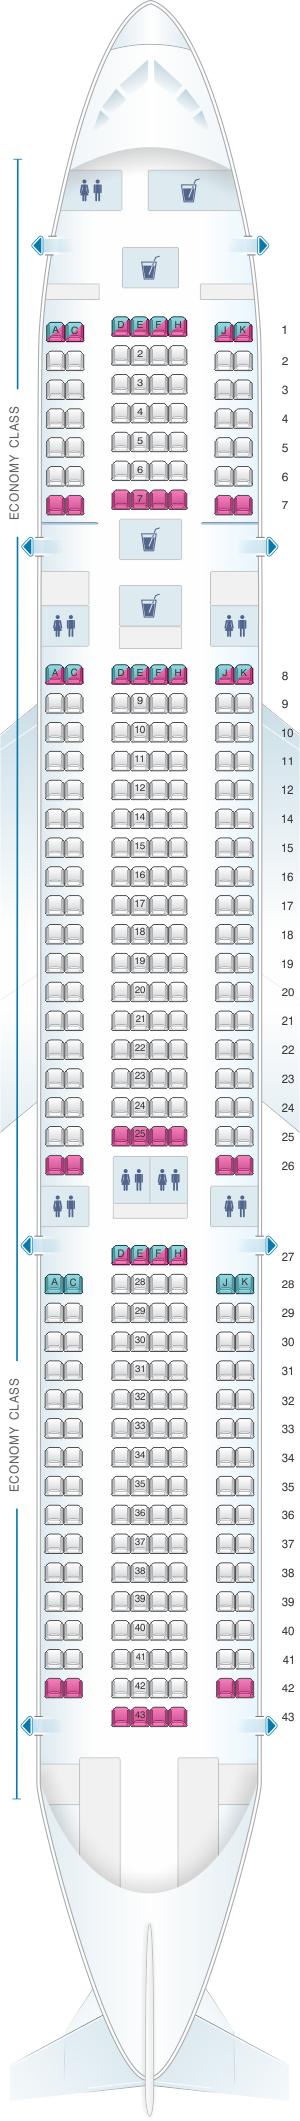 Seat map for Air Caraibes Airbus A330 200 318PAX